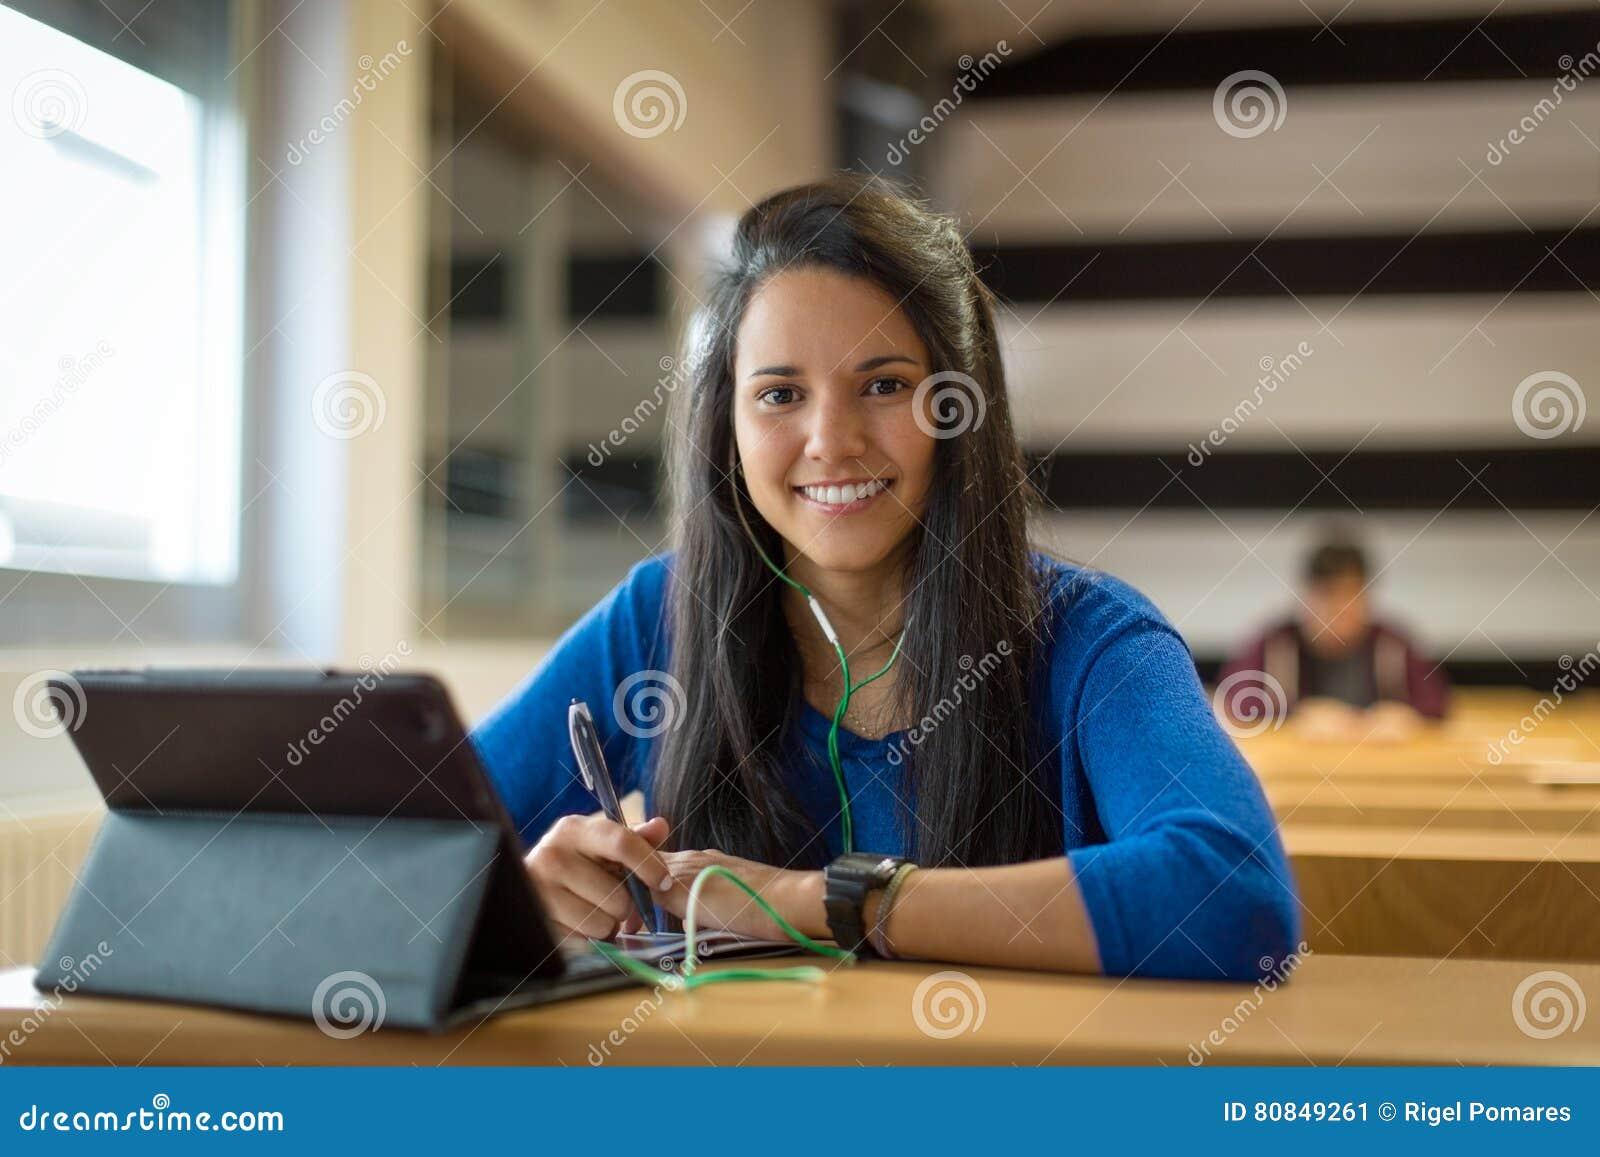 Νέα γυναίκα σπουδαστής στην πανεπιστημιακή τάξη Αυτή ` s χρησιμοποιώντας την ταμπλέτα και τα ακουστικά για τη λήψη των σημειώσεων